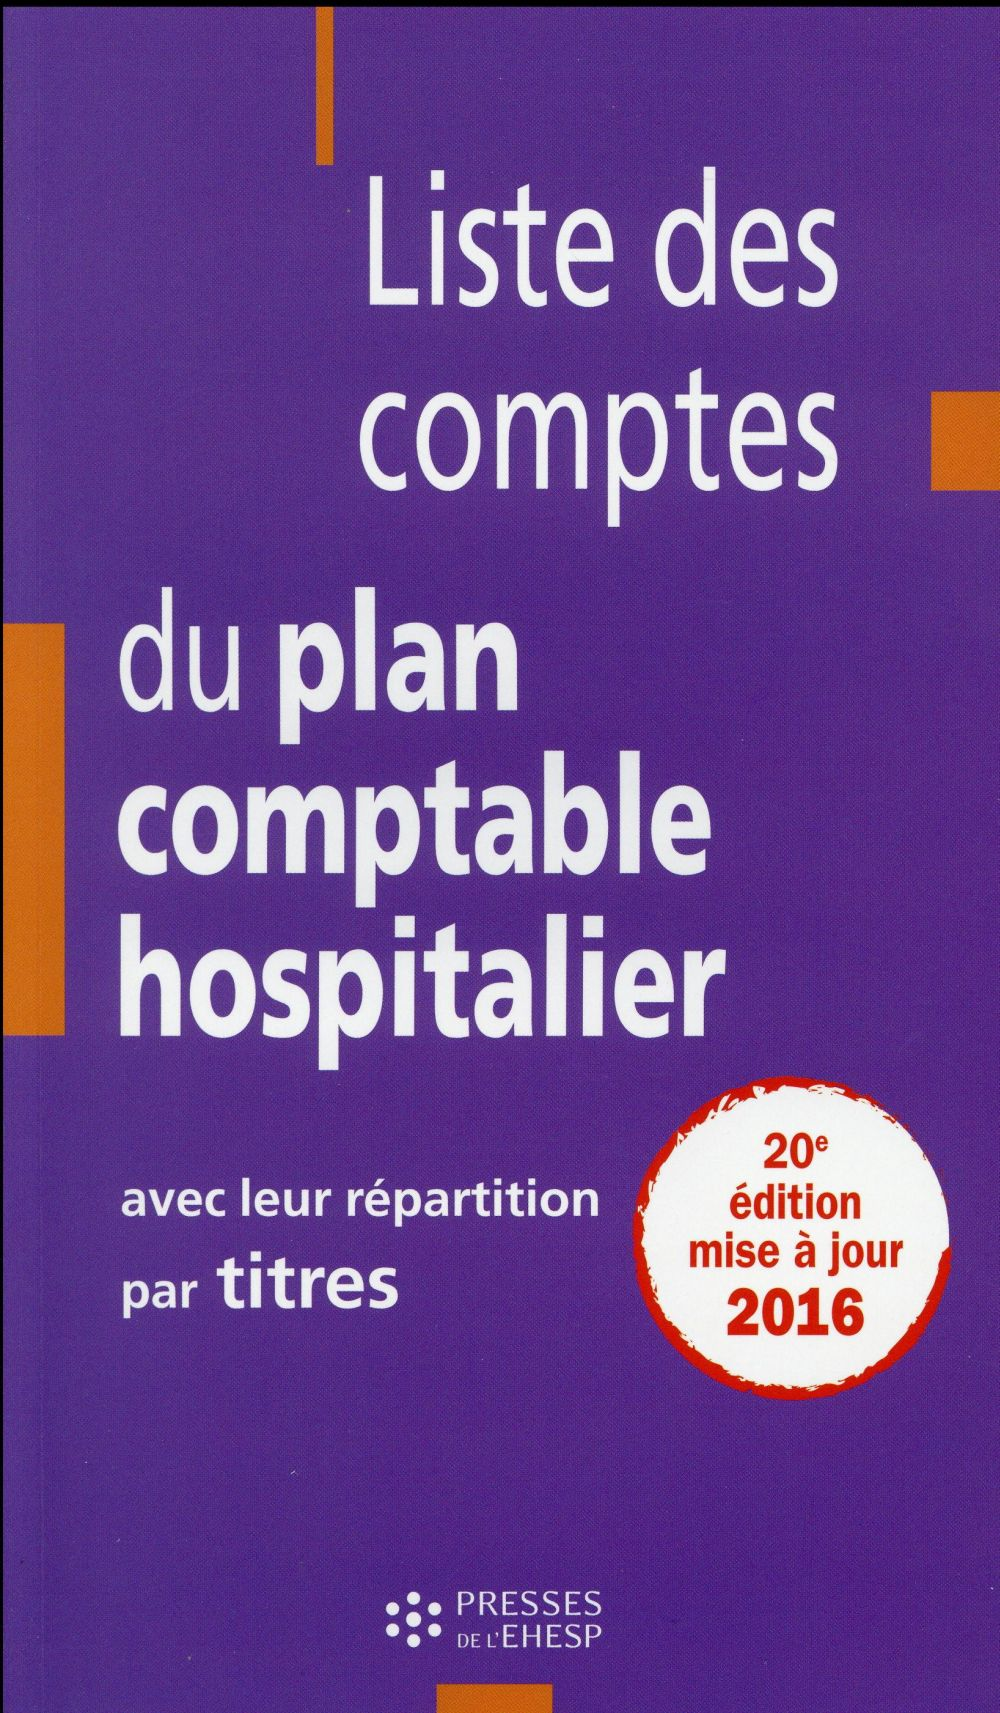 Liste des comptes du plan comptable hospitalier avec leur repartition par titres